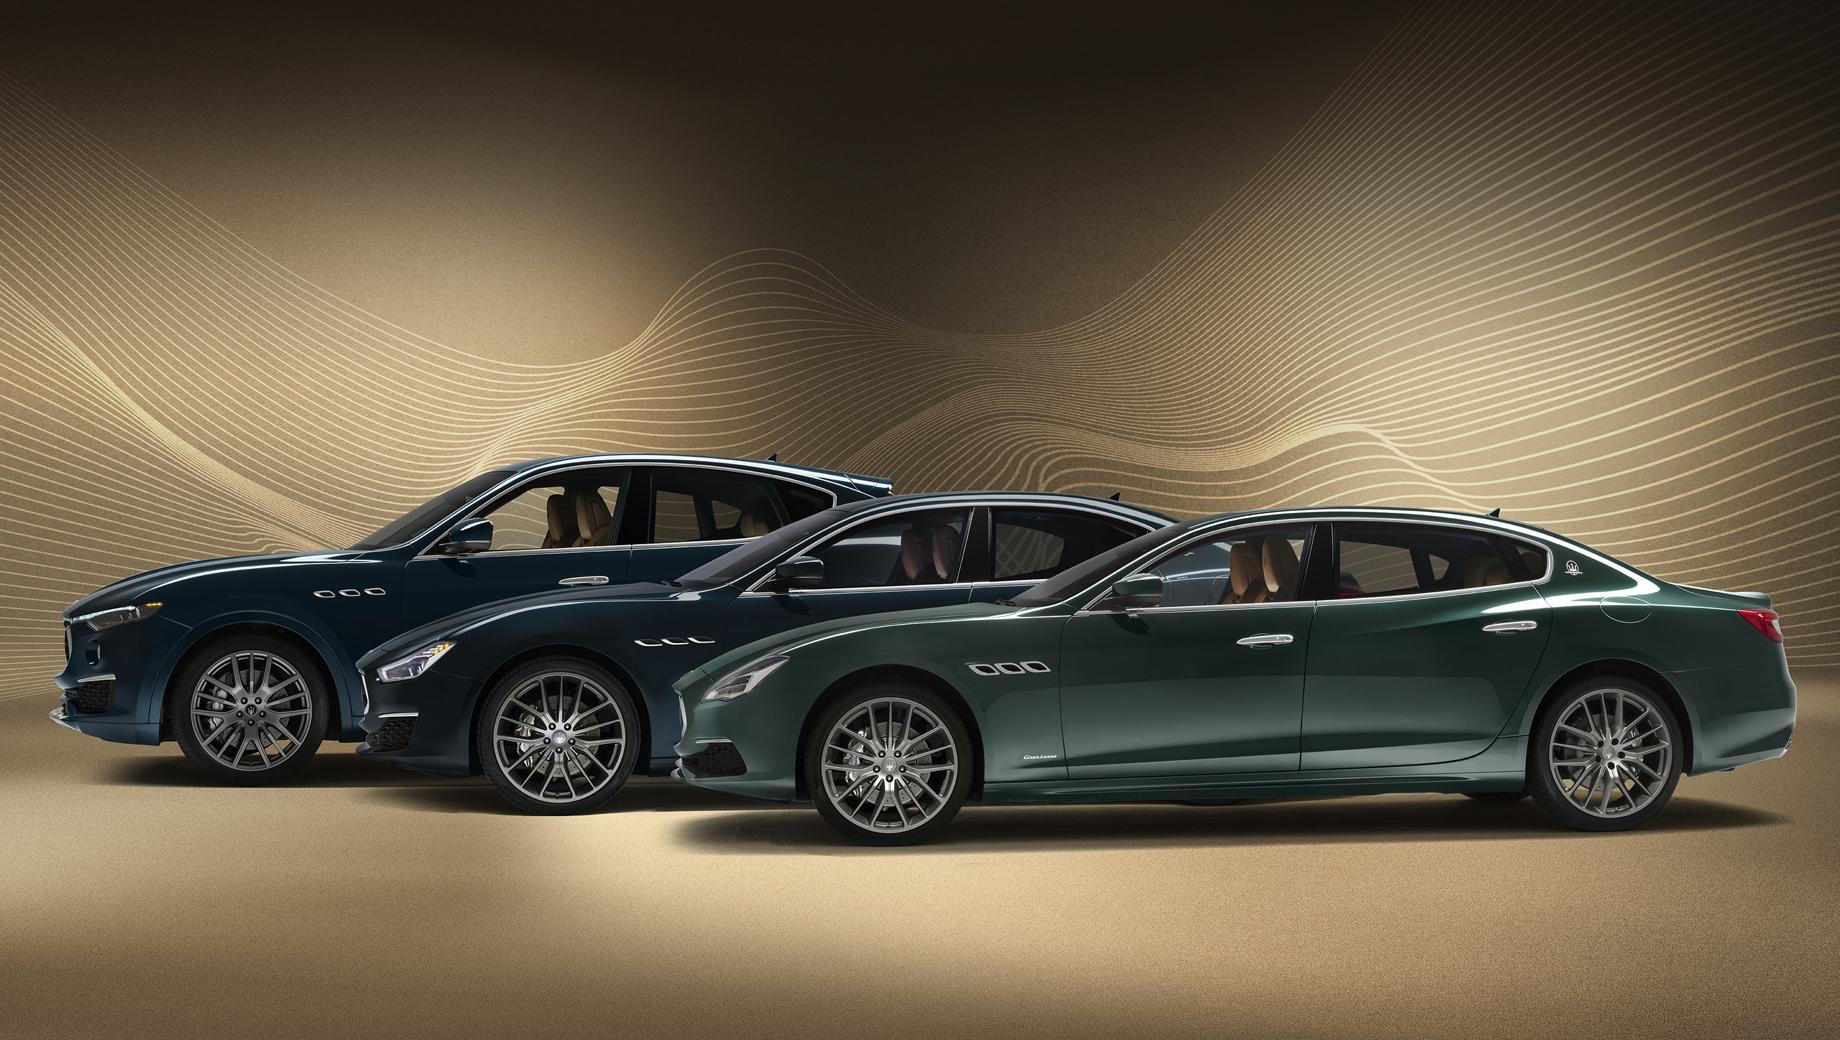 Maserati ghibli,Maserati quattroporte,Maserati levante. Особая серия получила уникальную окраску кузова (два цвета на выбор: синий Blu Royale или зелёный Verde Royale, перекликающиеся с оттенками исторического прототипа), плюс колёсные диски Anteo Staggered Anthracite на паркетнике и Titanium Anthracite на двух седанах, серебристые тормозные суппорты.